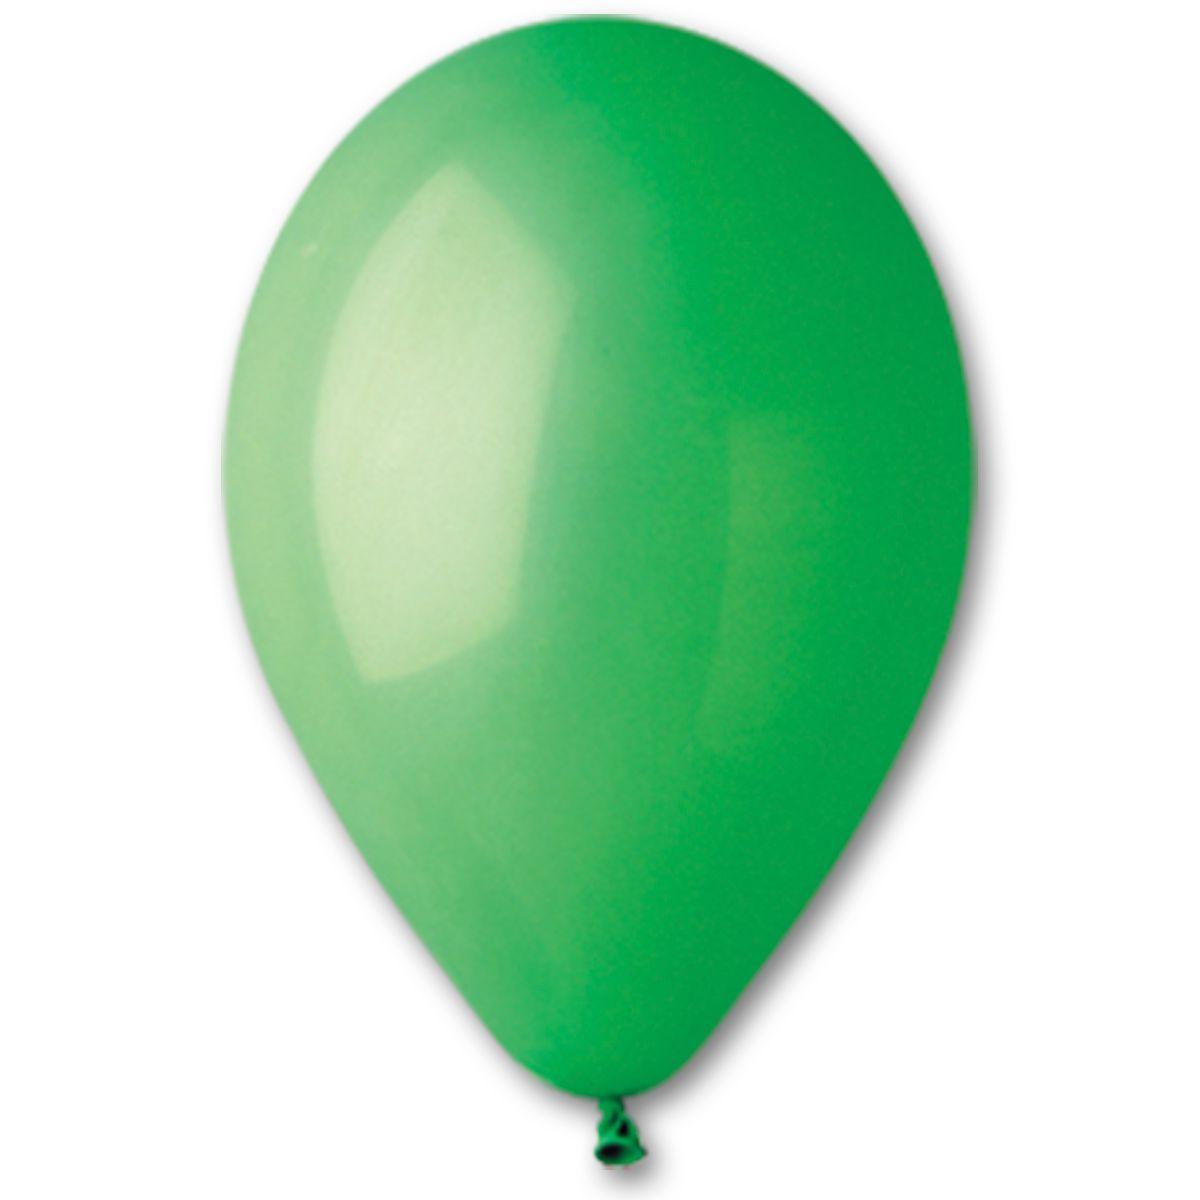 """Латексные шары круглые без рисунка 5"""" 13см Пастель зеленый """"GEMAR"""" Италия"""